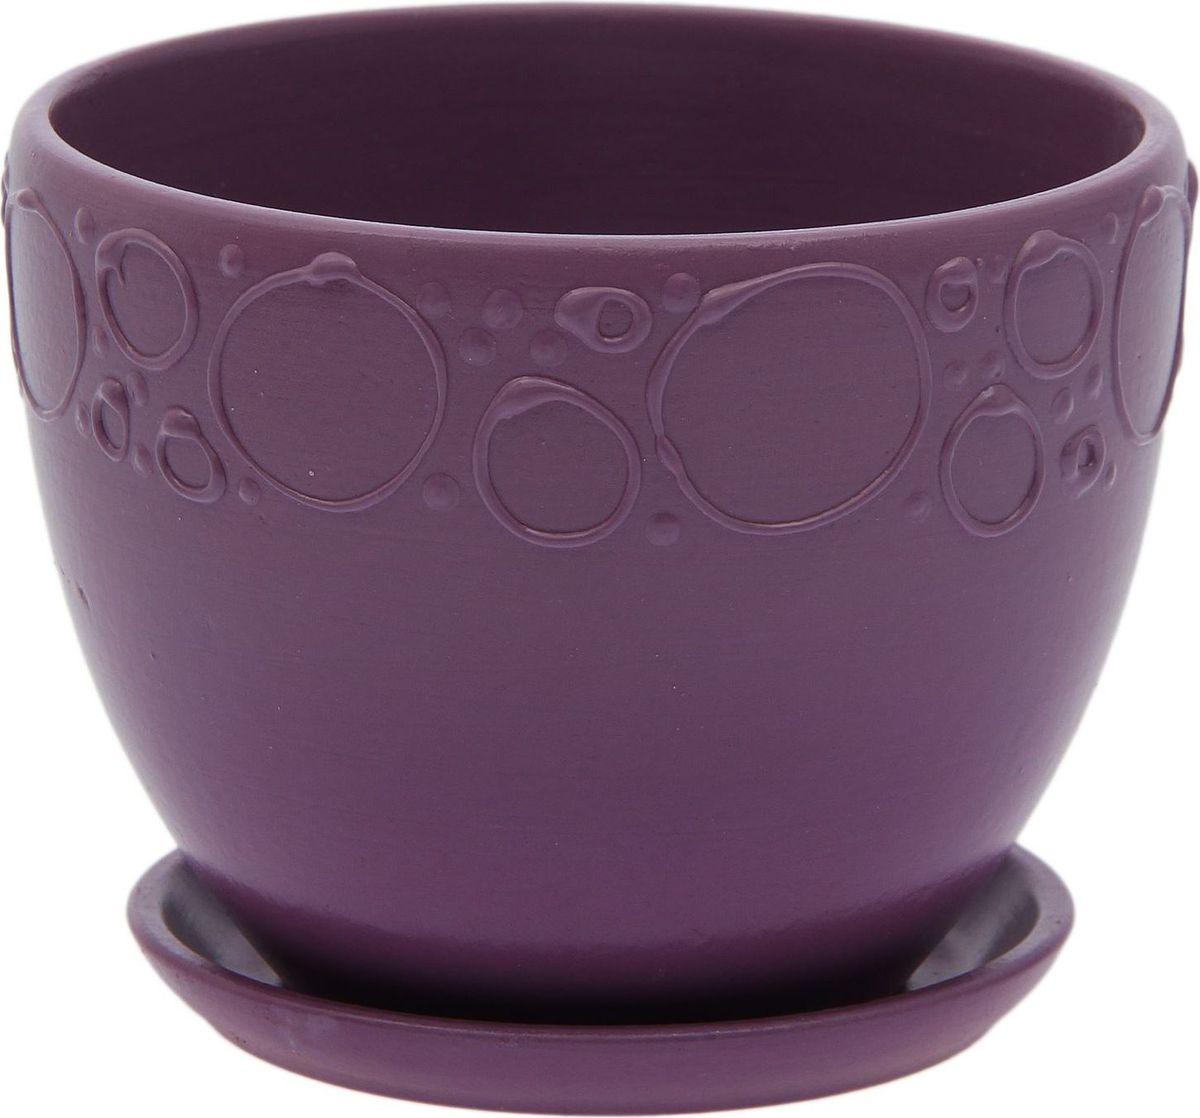 Кашпо Пузыри, цвет: фиолетовый, 1,5 л2015528Комнатные растения — всеобщие любимцы. Они радуют глаз, насыщают помещение кислородом и украшают пространство. Каждому из них необходим свой удобный и красивый дом. Кашпо из керамики прекрасно подходят для высадки растений: за счёт пластичности глины и разных способов обработки существует великое множество форм и дизайновпористый материал позволяет испаряться лишней влагевоздух, необходимый для дыхания корней, проникает сквозь керамические стенки! #name# позаботится о зелёном питомце, освежит интерьер и подчеркнёт его стиль.